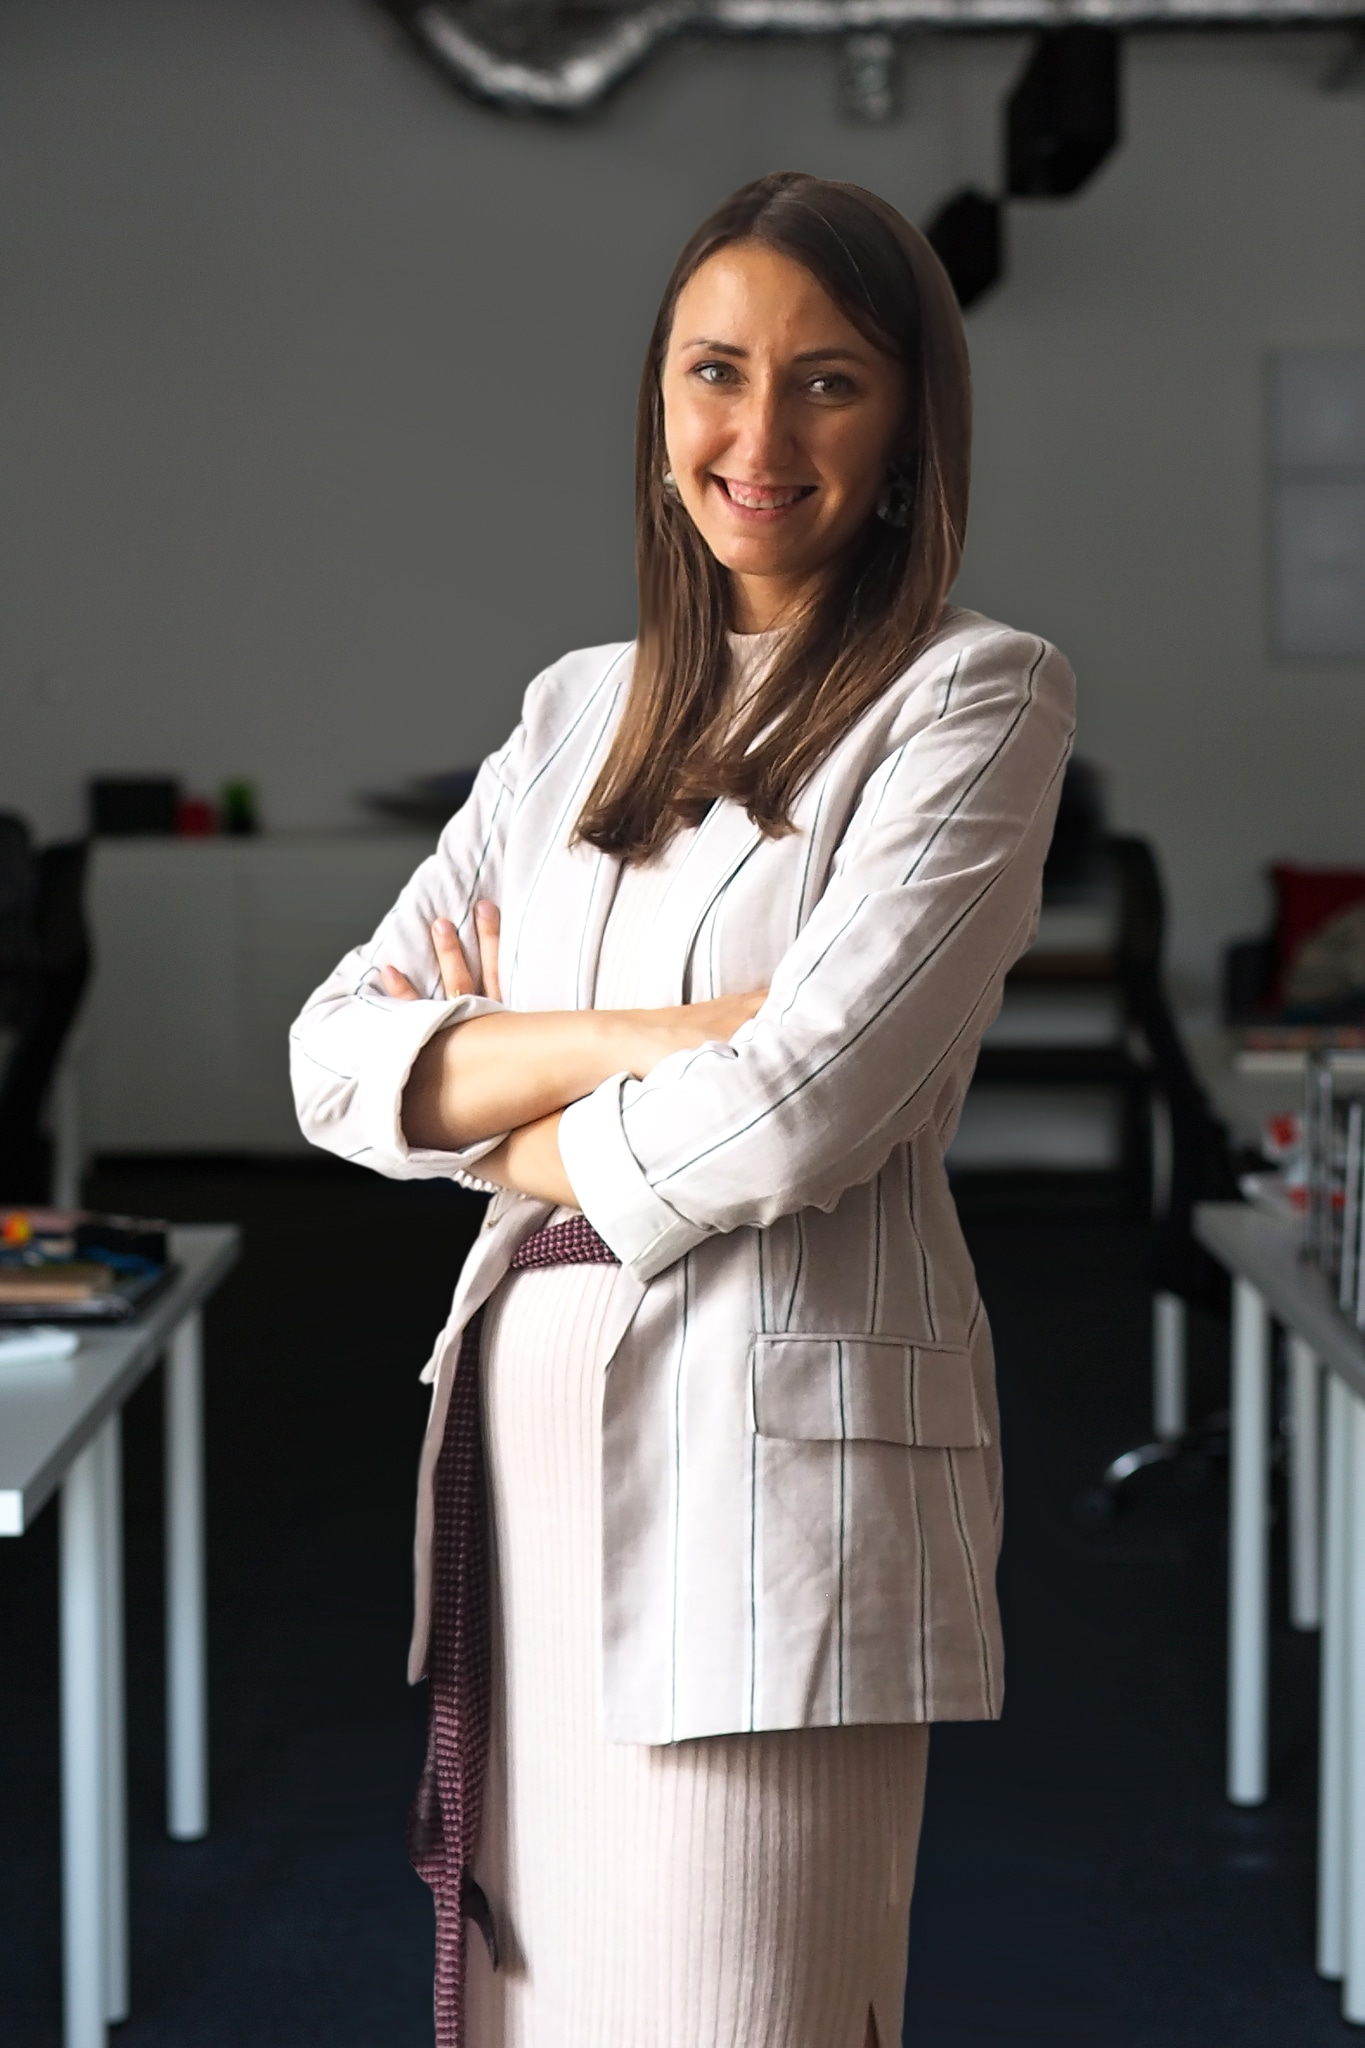 Zdjęcie biznesowe w biurze w Krakowie - Team Leaderka zespołu rekrutacyjnego IT - Sandra Bąk